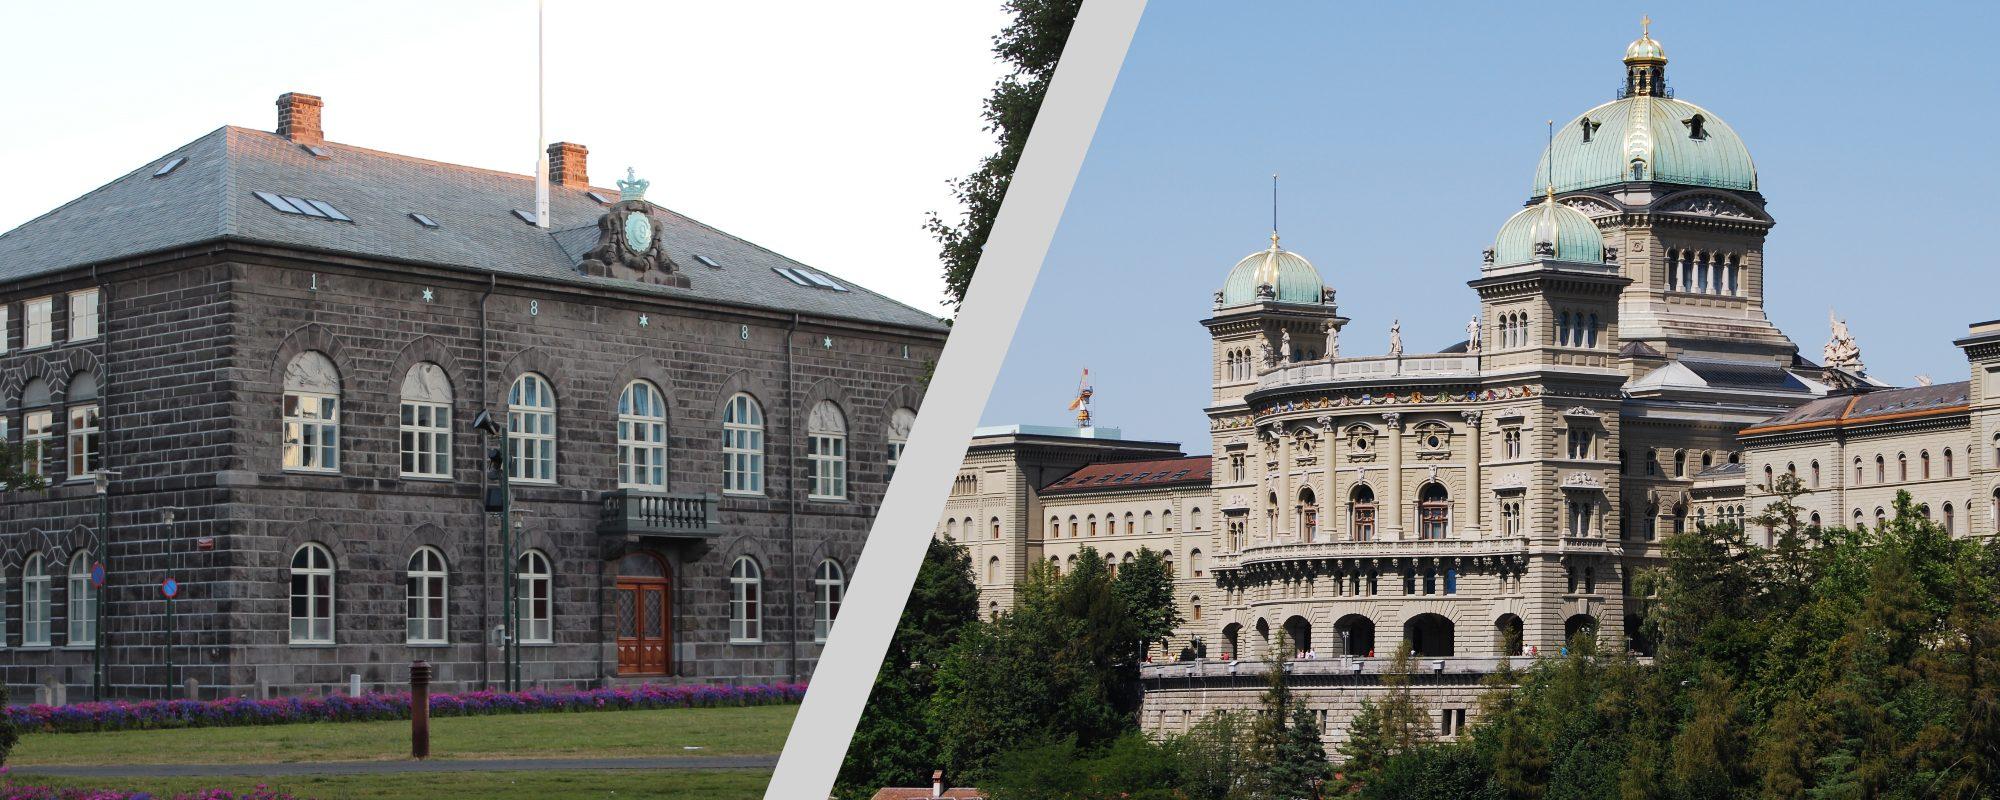 Hier tagen die ärmsten Parlamentarier: im Parlamentsgebäude in Reykjavik, Island – und im Bundeshaus.